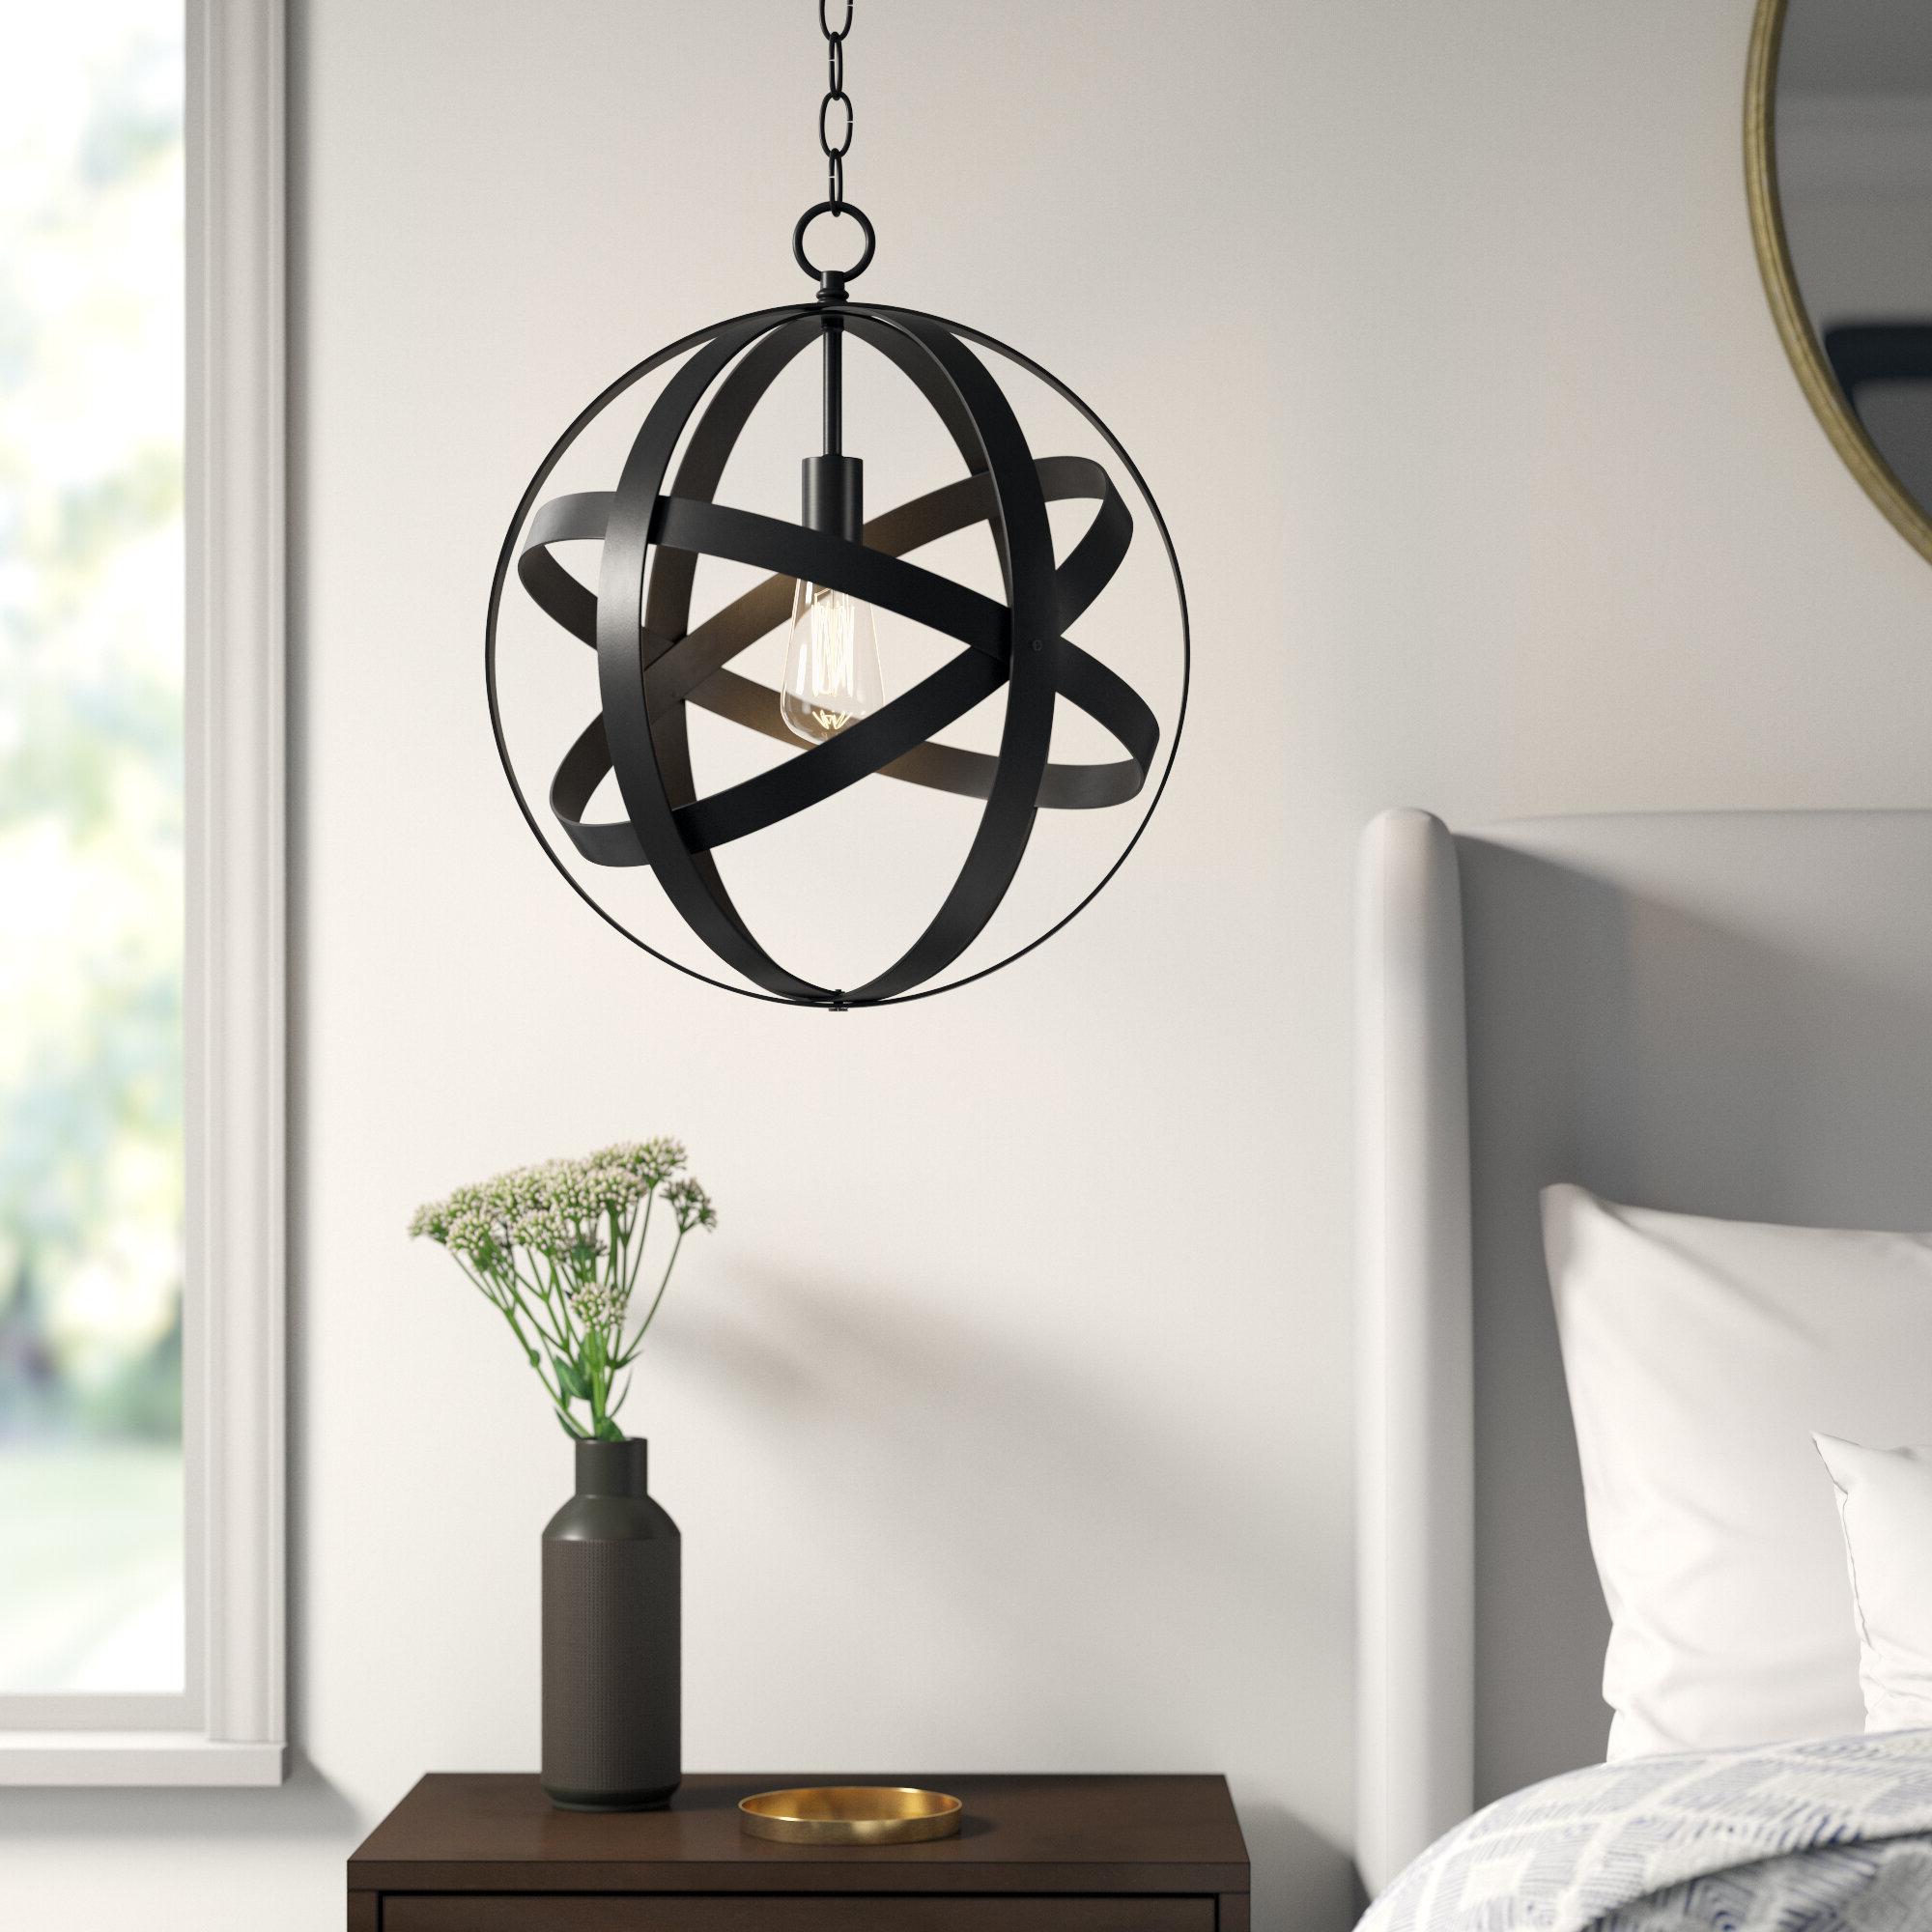 Ealey 1 Light Globe Pendant Intended For 2019 Irwin 1 Light Single Globe Pendants (View 18 of 25)